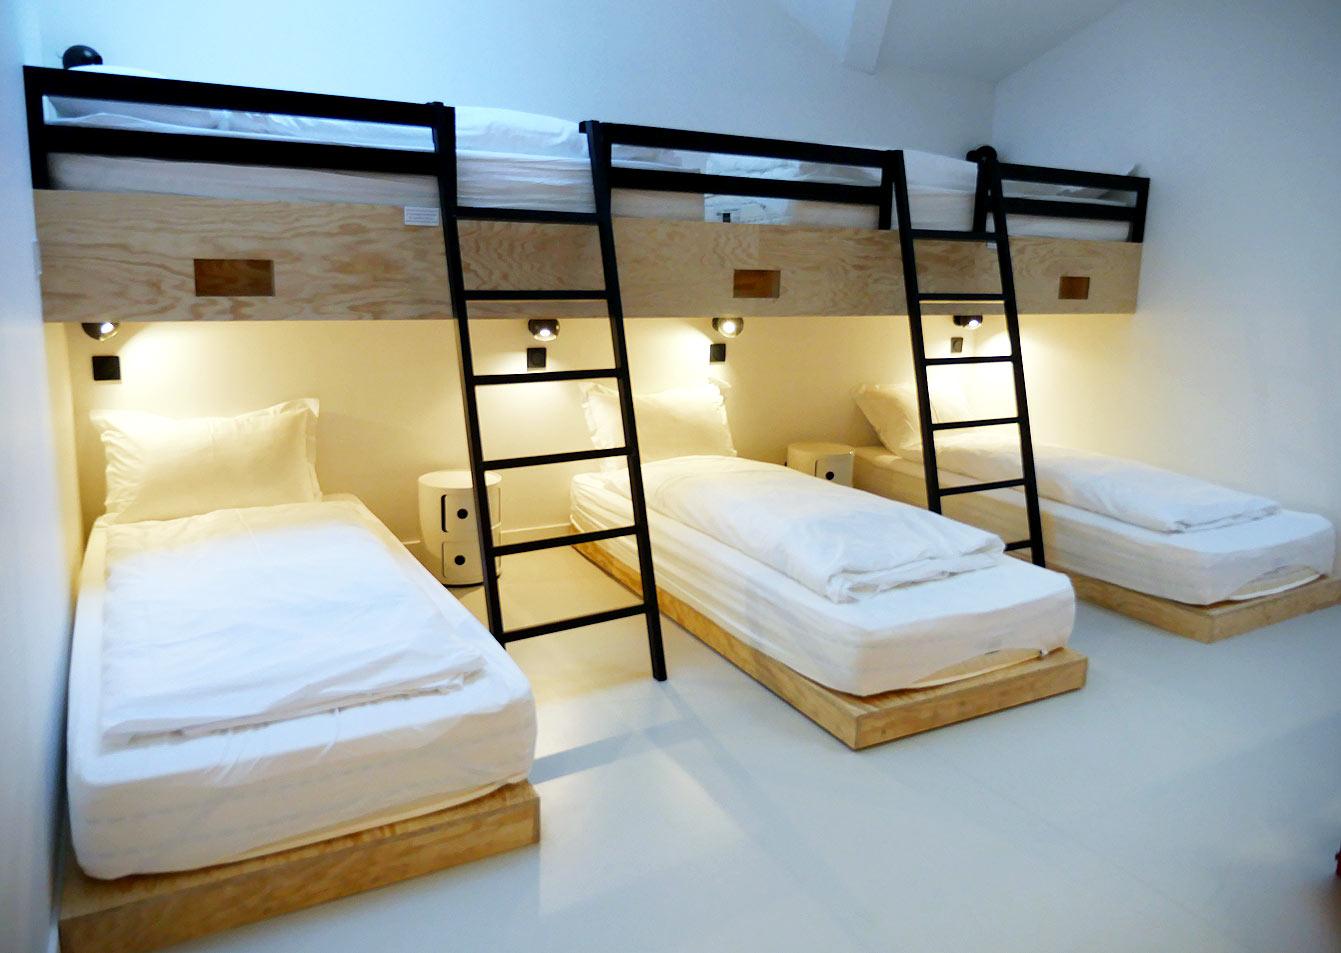 rocky-pop-hotel-chamonix-38